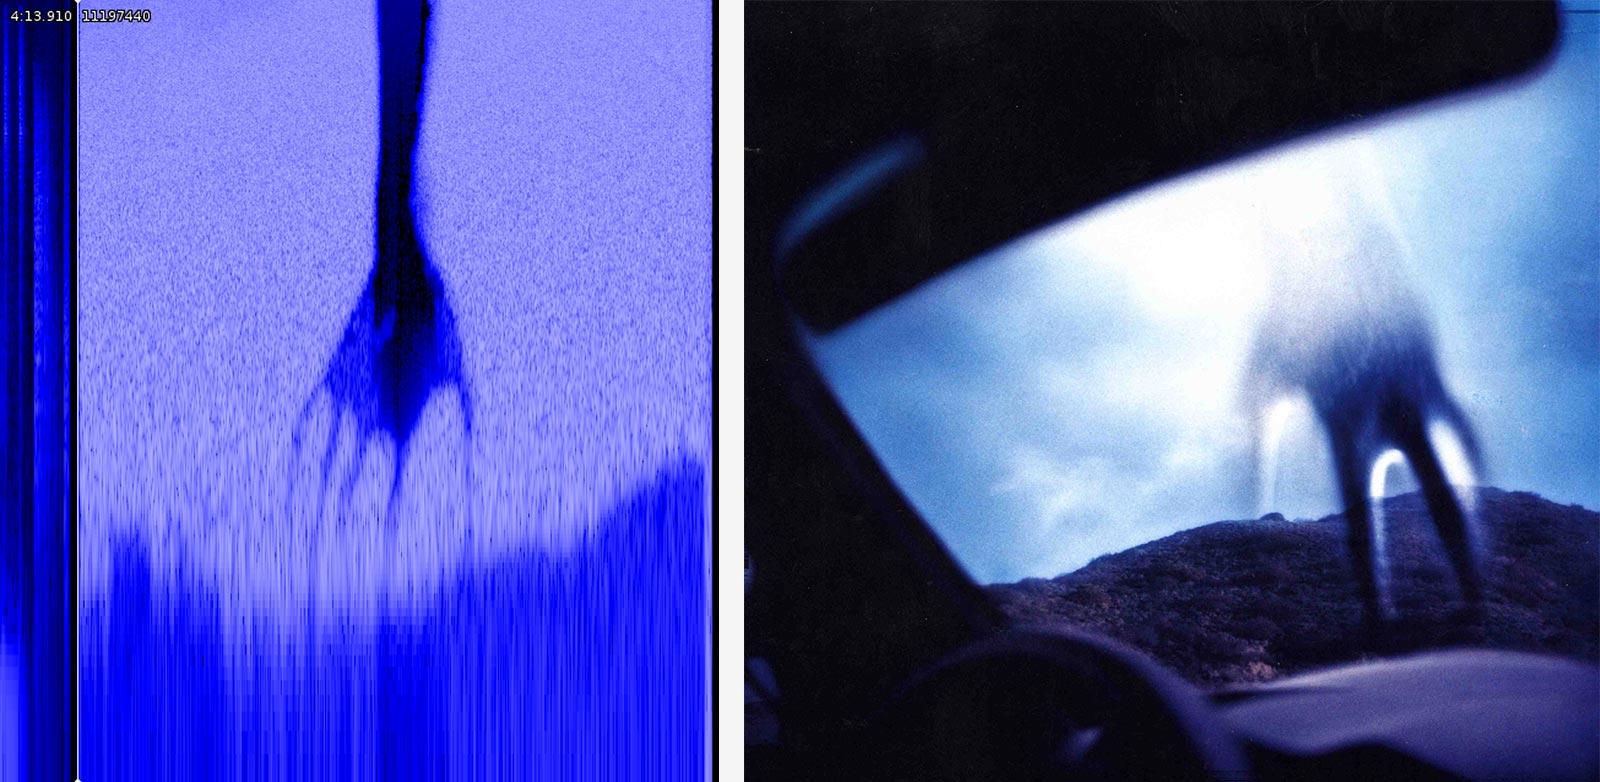 La main incorporée à la fin de la chanson My Violent Heart et la pochette de l'album Year Zero de Nine Inch Nails.